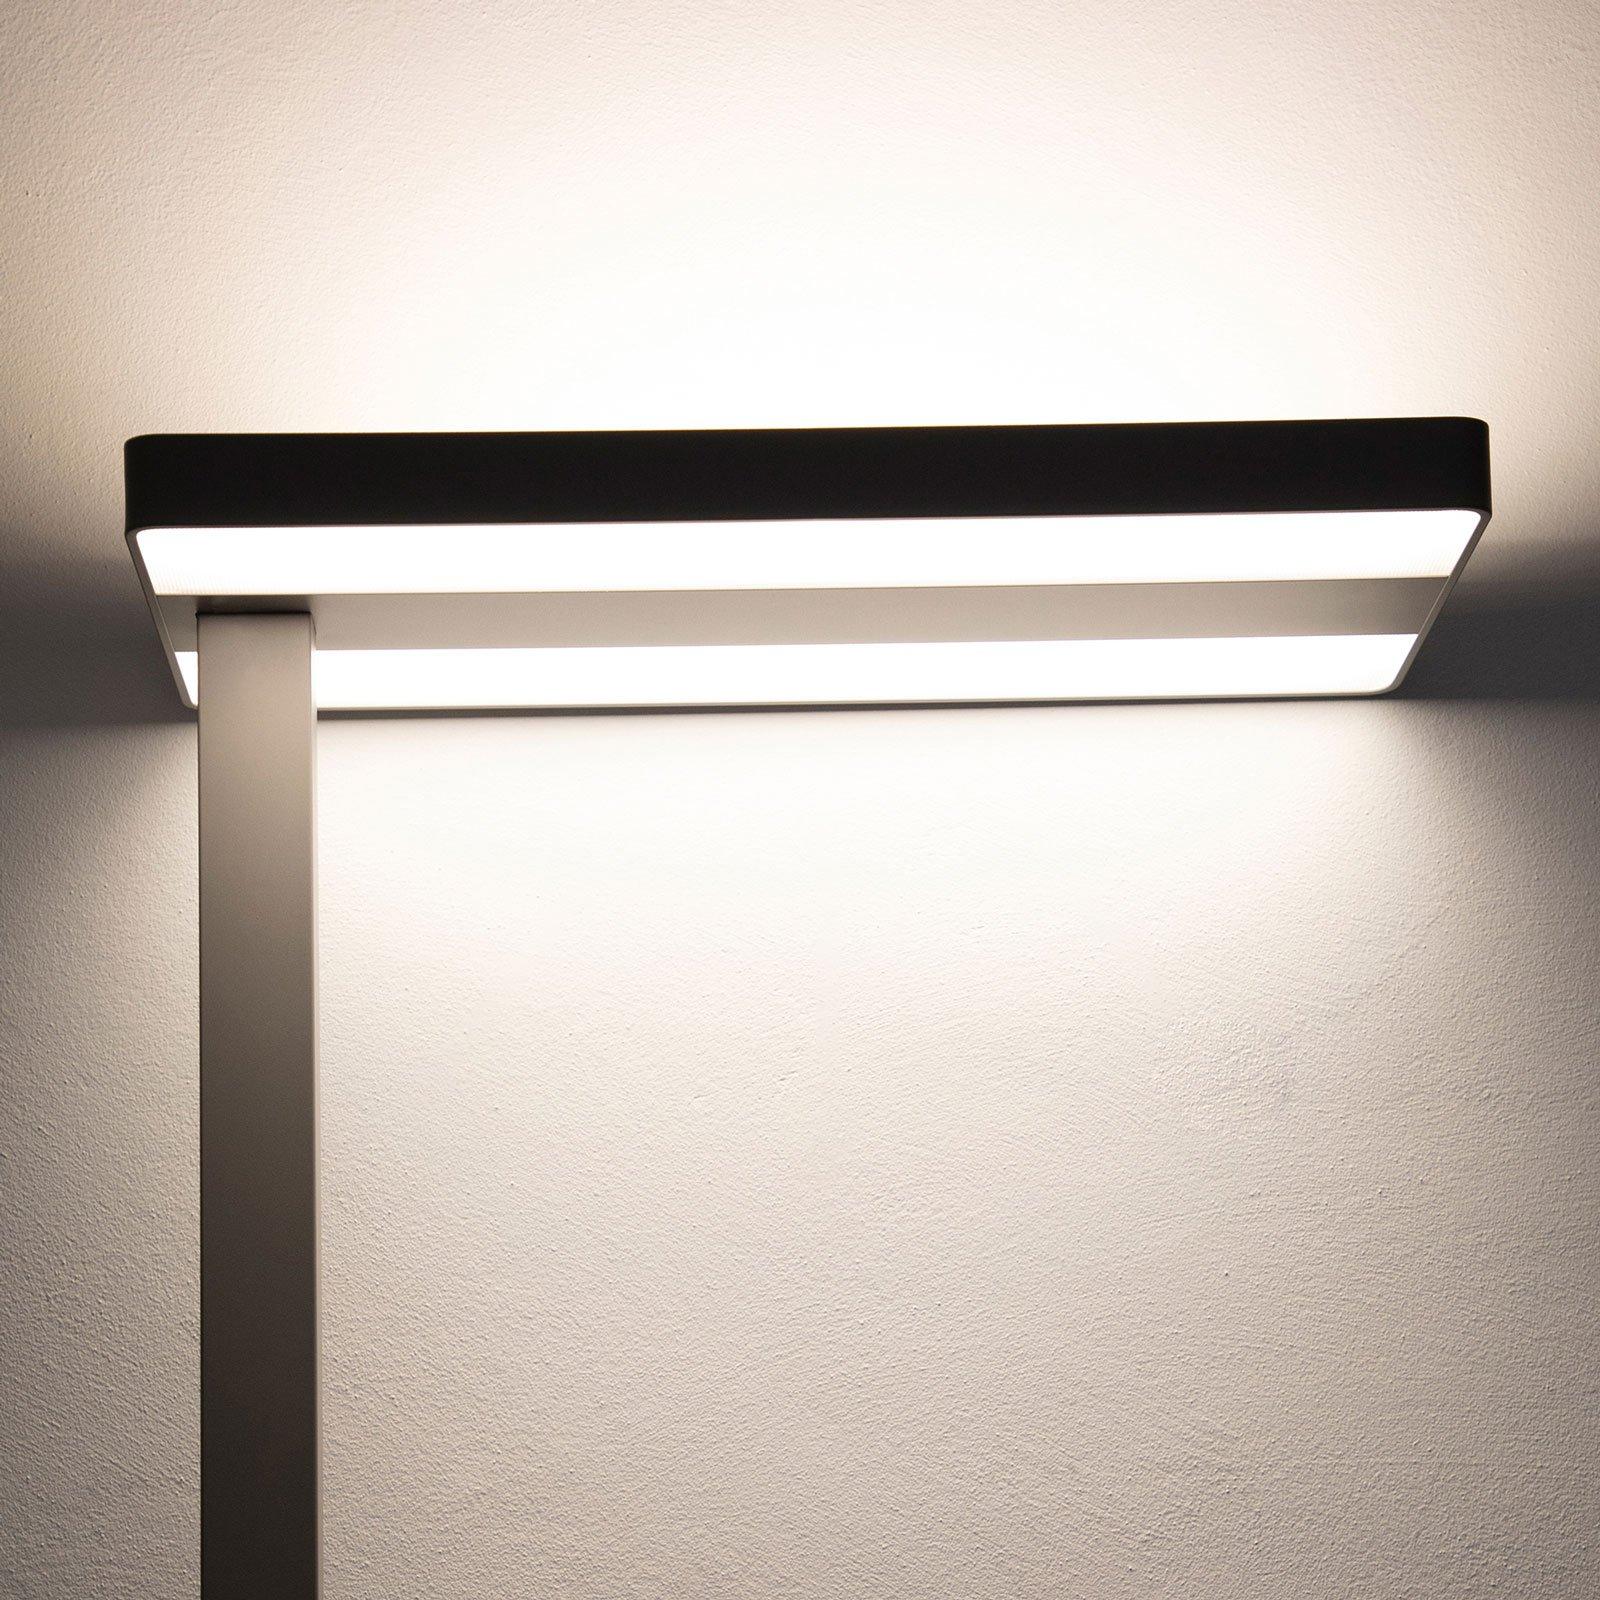 MAULjaval LED-gulvlampe med klemfot og dimmer